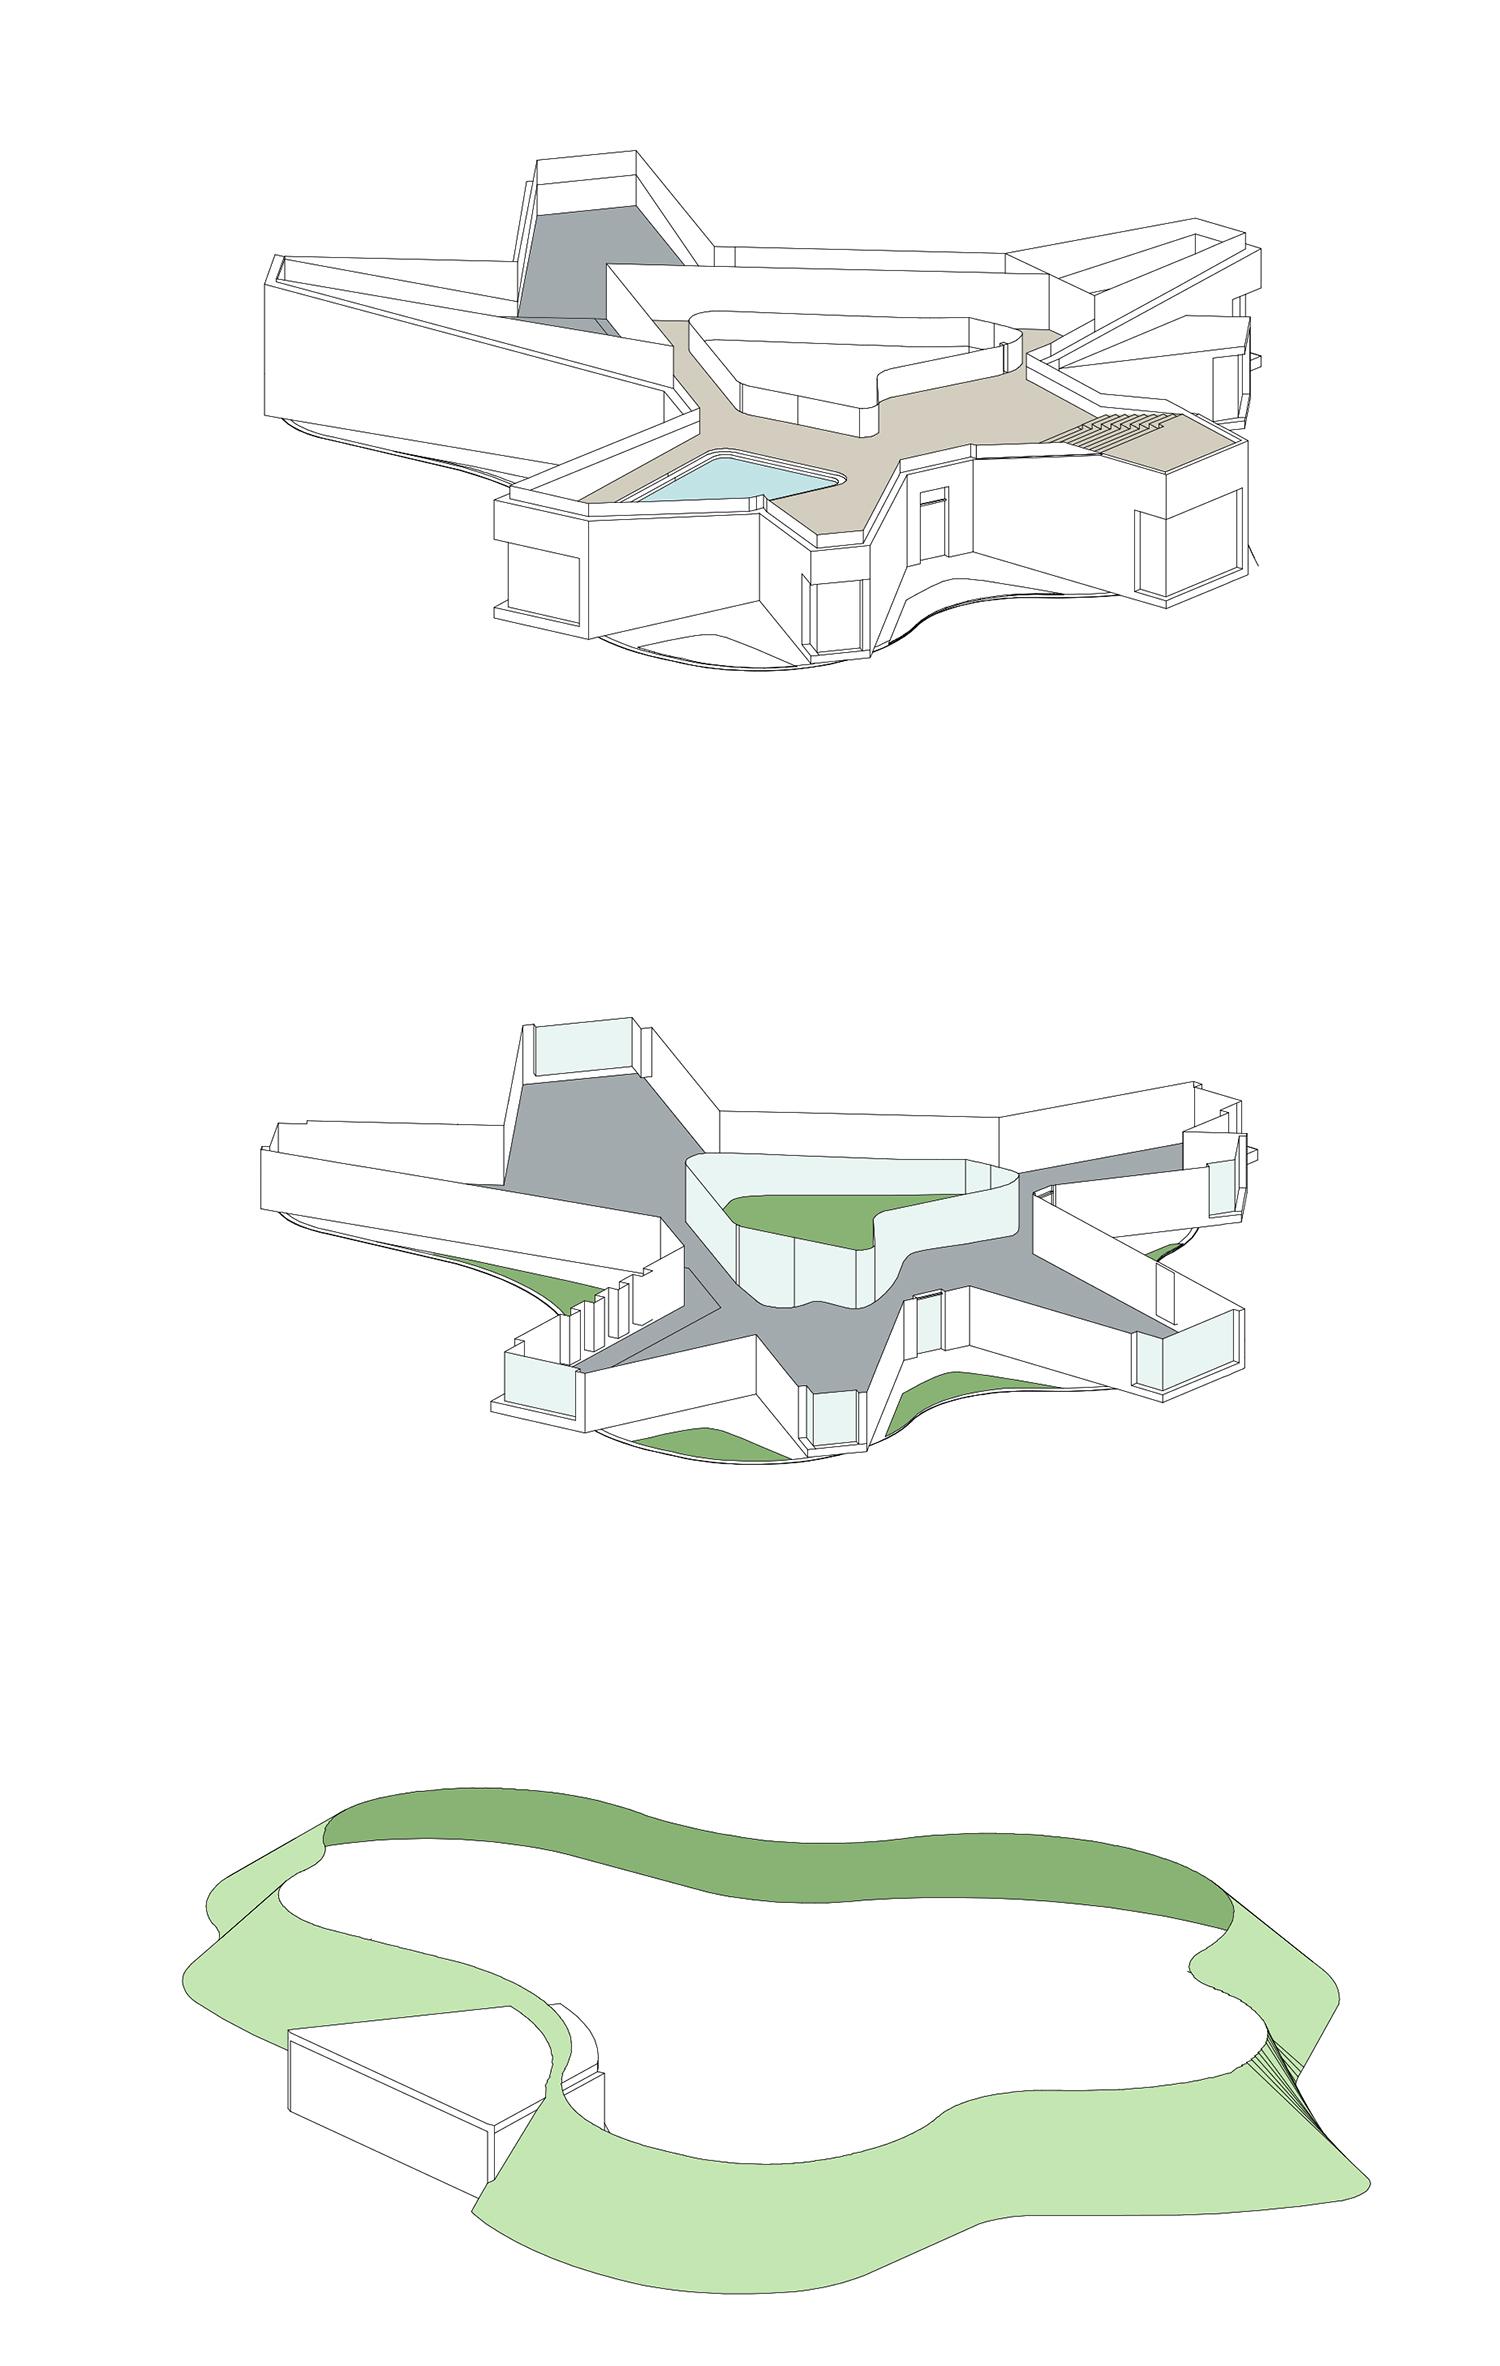 schema di concept Progetto CMR}